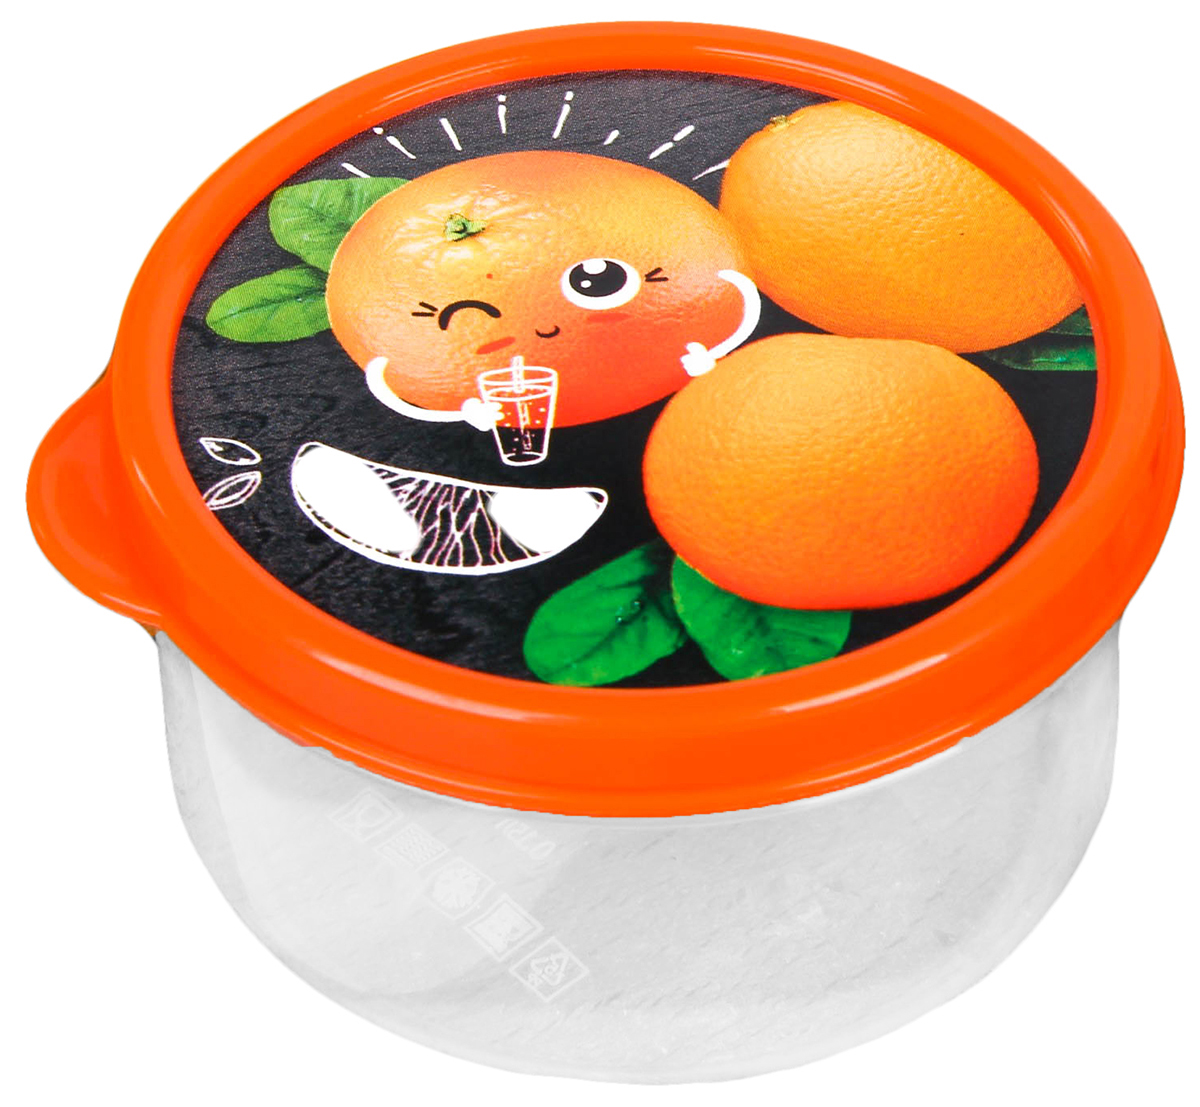 Ланч-бокс Апельсин, 0,15 л2789817Изделие произведено в России из качественного пищевого пластика, снабжено плотно закрывающейся крышкой, а это значит, что вы сможете брать на работу, в дорогу или на пикник разнообразную, а самое главное - вкусную и полезную пищу! Оригинальный рисунок на крышке поднимет настроение хозяину и окружающим.Контейнер прост и удобен в обращении: его можно хранить в холодильнике, разогревать в микроволновой печи, мыть в посудомоечной машине.